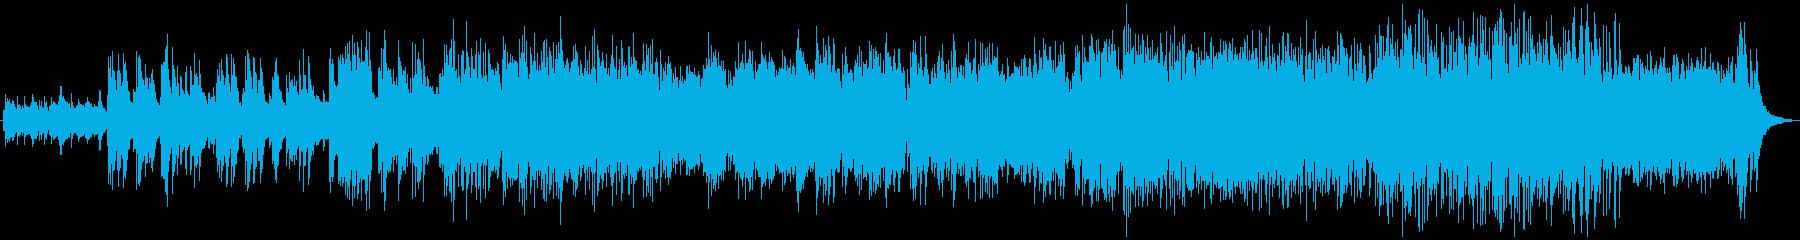 スパニッシュギターによるラテンバラードの再生済みの波形